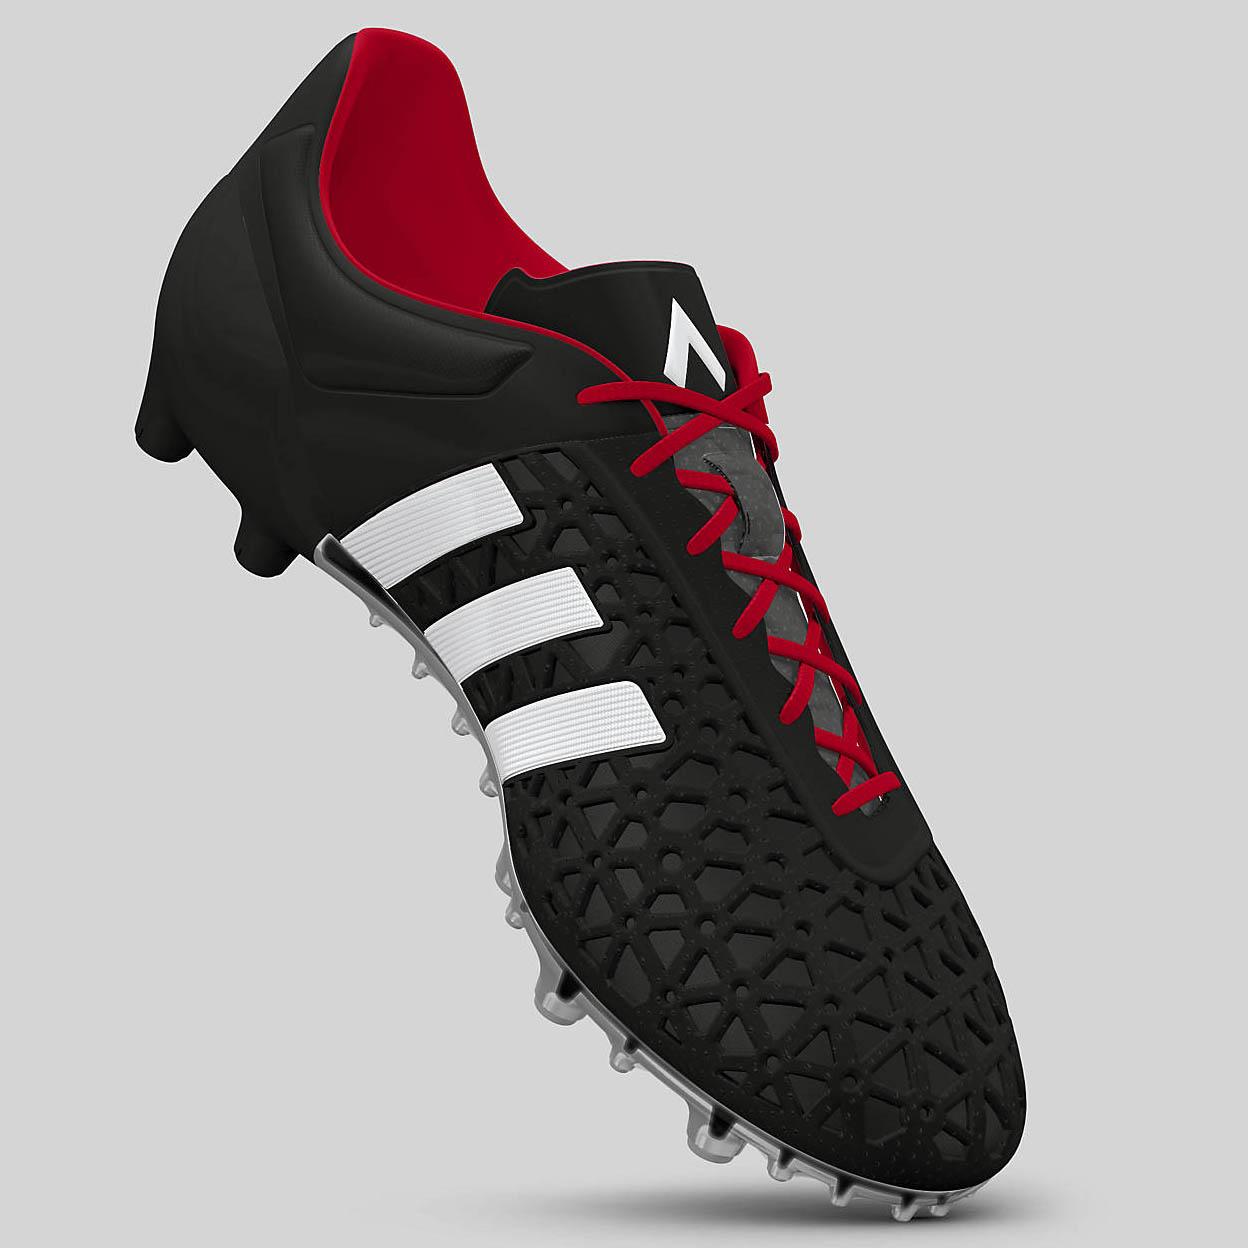 d712918009b0 ... get custom mi adidas ace 2015 boots f0d5c 02b1c